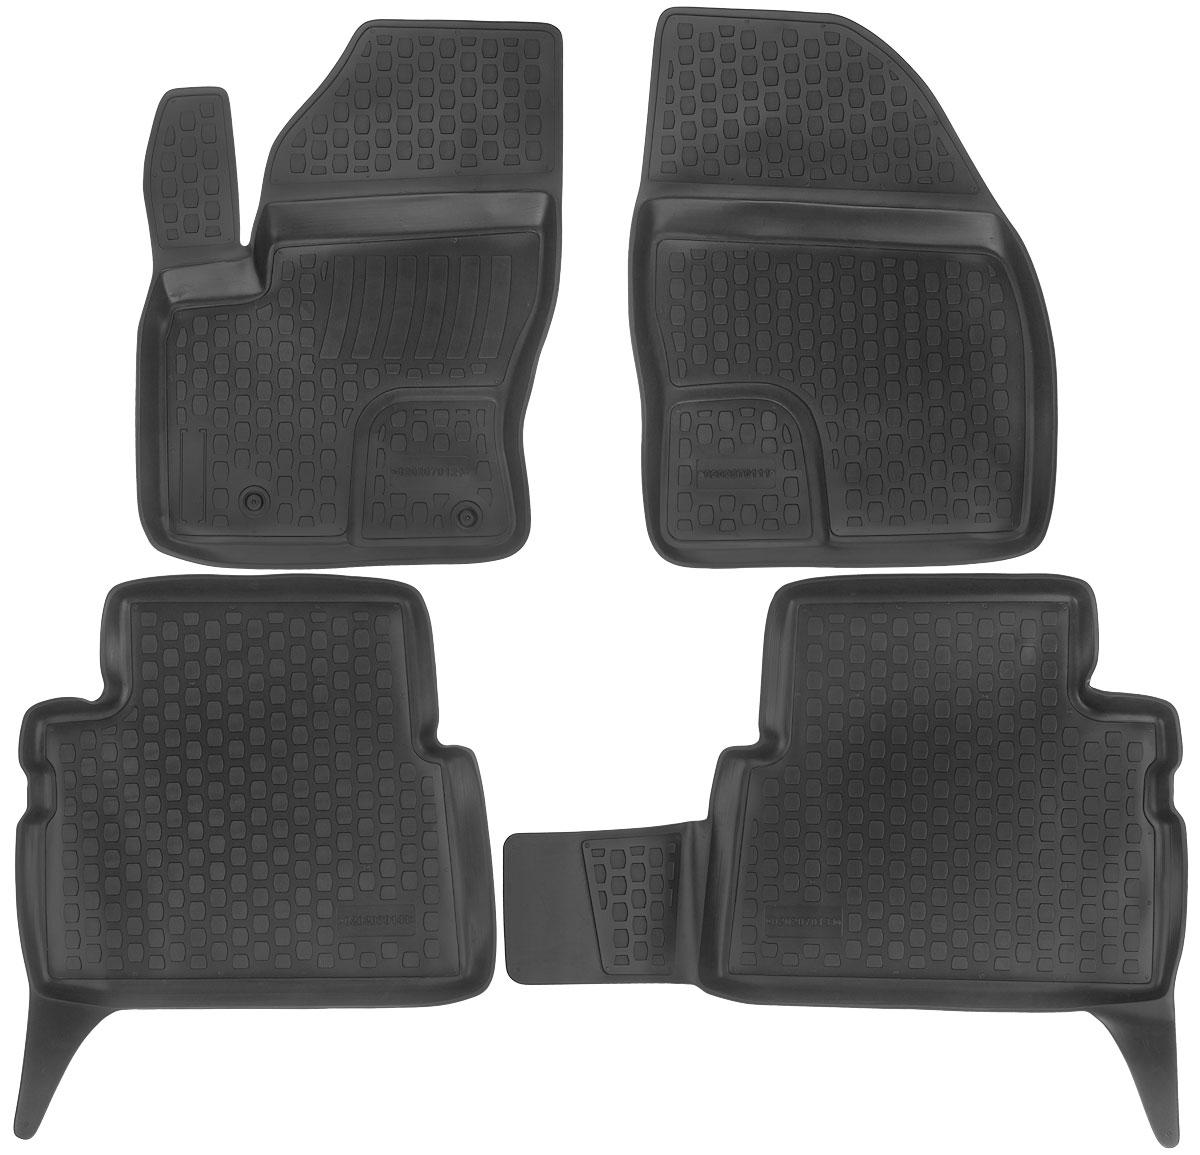 Набор автомобильных ковриков L.Locker Ford C-Max 2002, в салон, 4 штABS-14,4 Sli BMCНабор L.Locker Ford C-Max 2002, изготовленный из полиуретана, состоит из 4 антискользящих 3D ковриков, которые производятся индивидуально для каждой модели автомобиля. Изделие точно повторяет геометрию пола автомобиля, имеет высокий борт, обладает повышенной износоустойчивостью, лишено резкого запаха и сохраняет свои потребительские свойства в широком диапазоне температур от -50°С до +50°С. Комплектация: 4 шт.Размер ковриков: 69 см х 51 см; 59 см х 54 см; 87 см х 54 см; 70 см х 53 см.